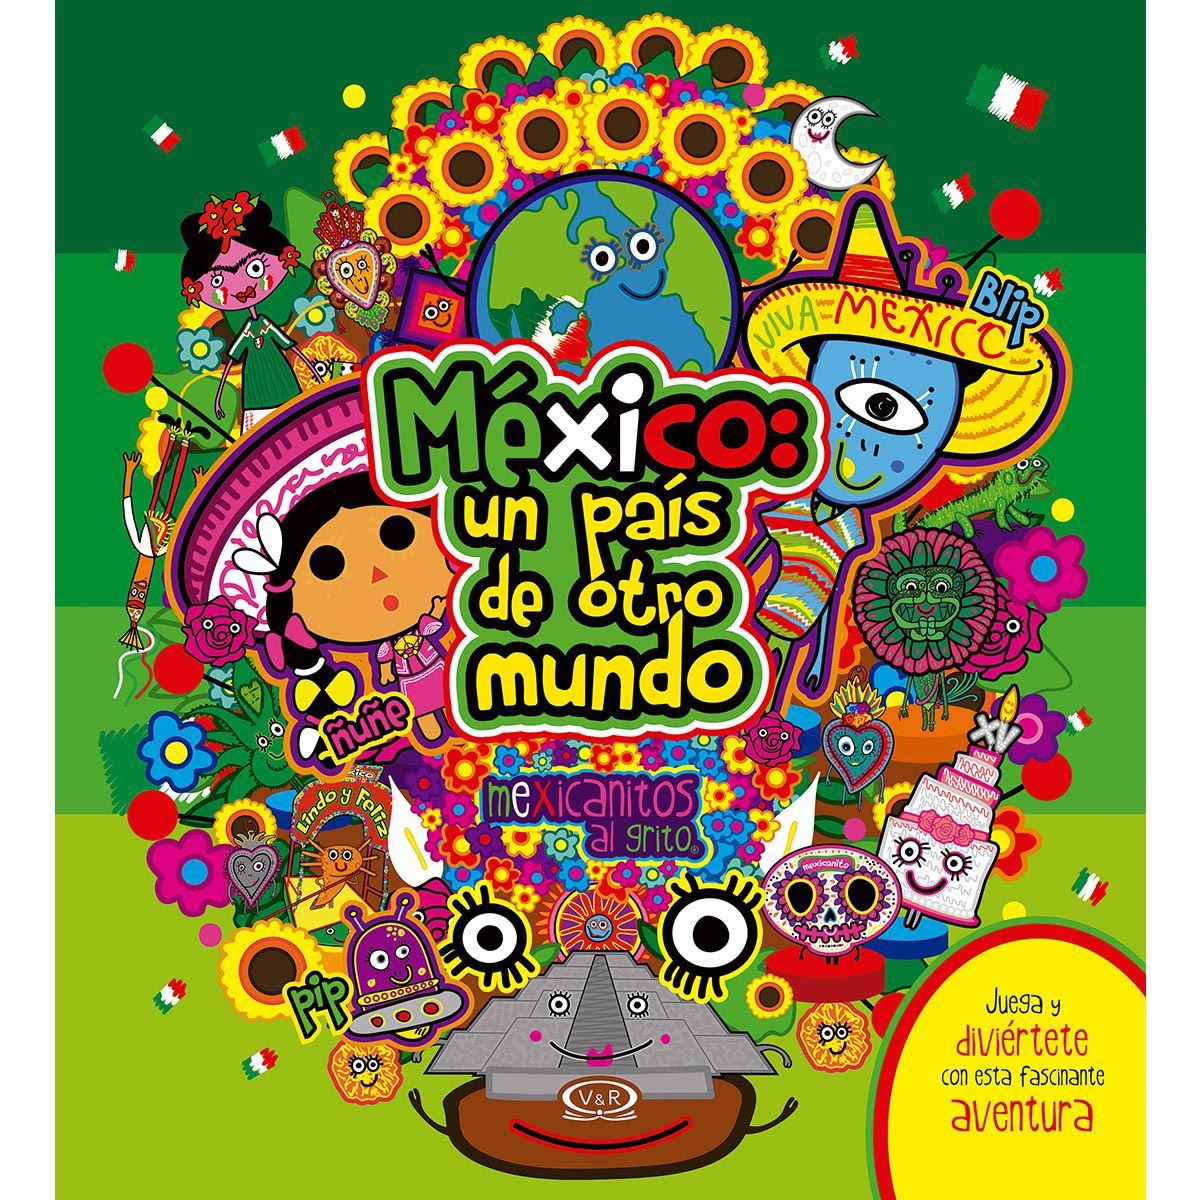 México un país de otro mundo